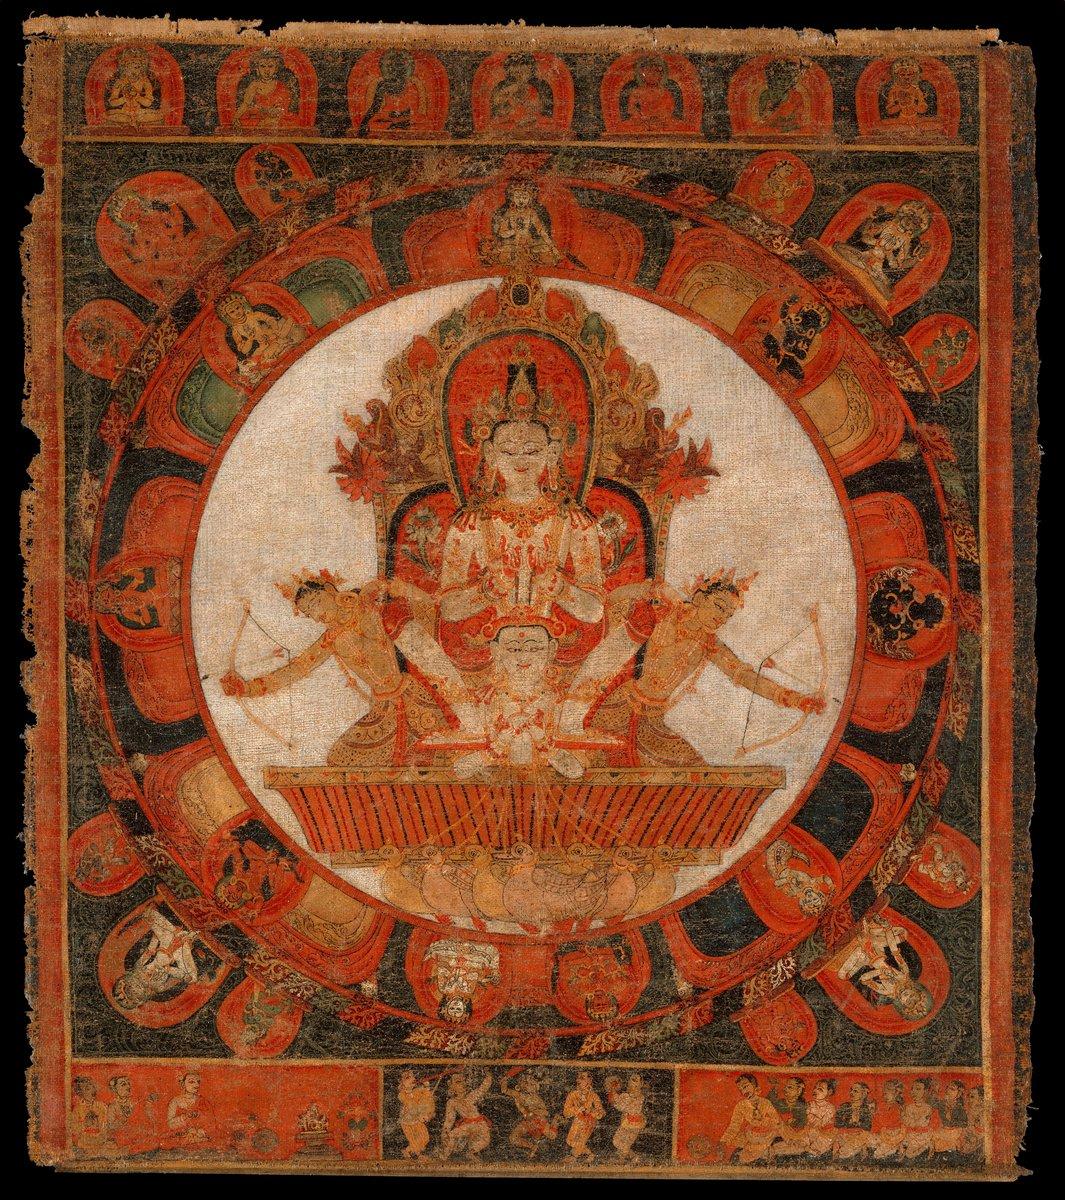 Мандала, картина Мандала Чандра, бог луныМандала<br>Репродукция на холсте или бумаге. Любого нужного вам размера. В раме или без. Подвес в комплекте. Трехслойная надежная упаковка. Доставим в любую точку России. Вам осталось только повесить картину на стену!<br>